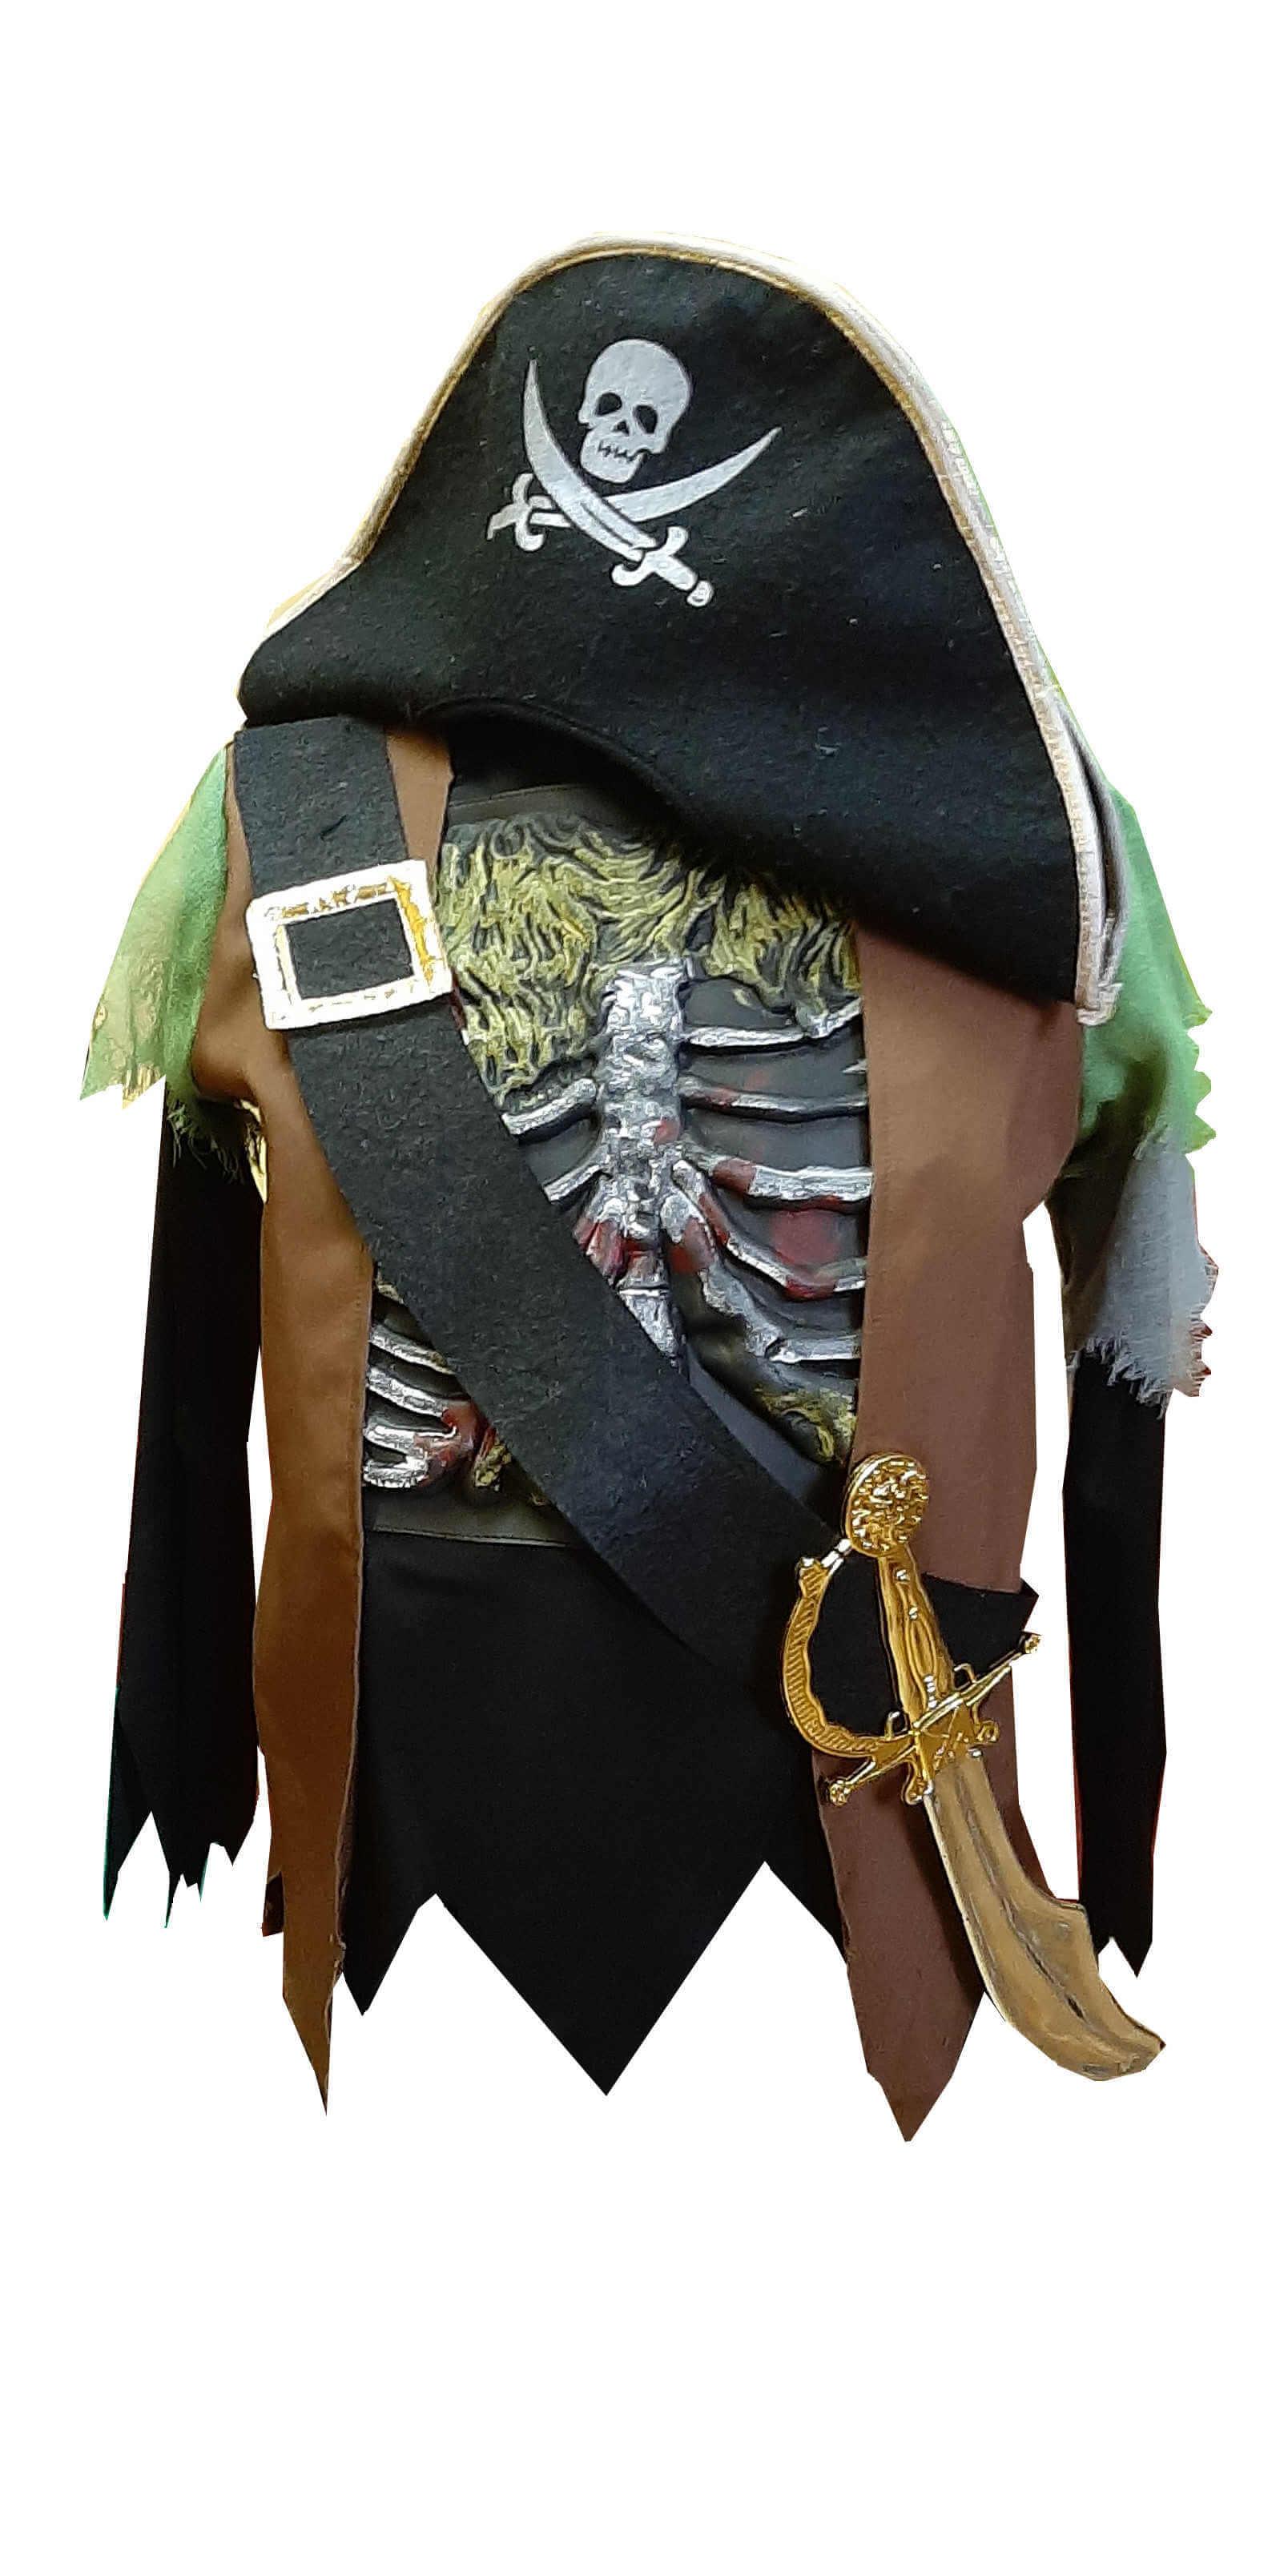 костюм пирата. костюм разбоиника. Pirato kostiumas. Kostiumu nuoma vaikams Vilniuje - pasakunamai.lt